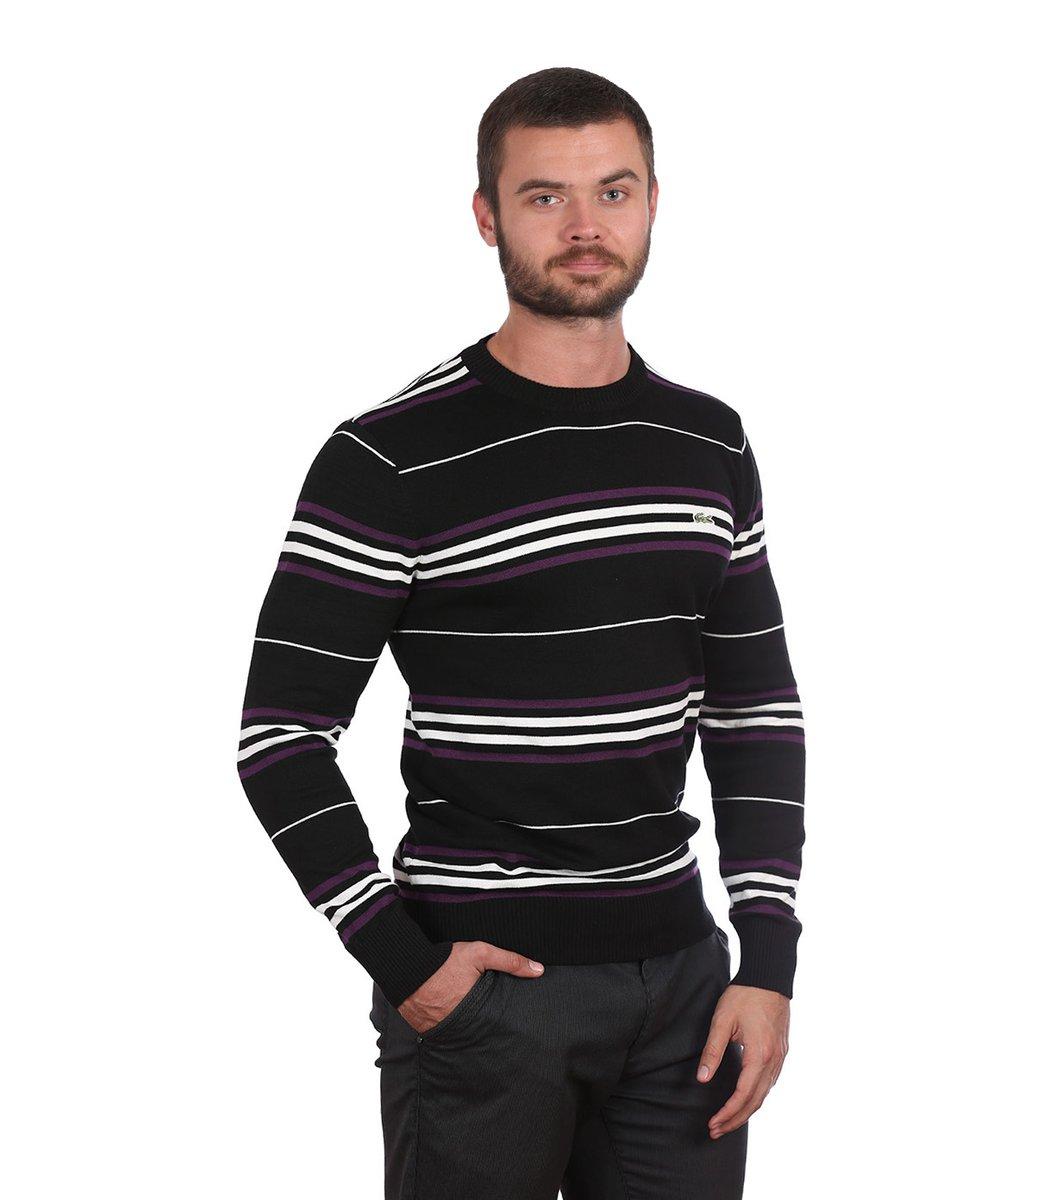 Джемпер в полоску Lacoste JL1 (Черный/фиолетовый) - Черний - Вид 4